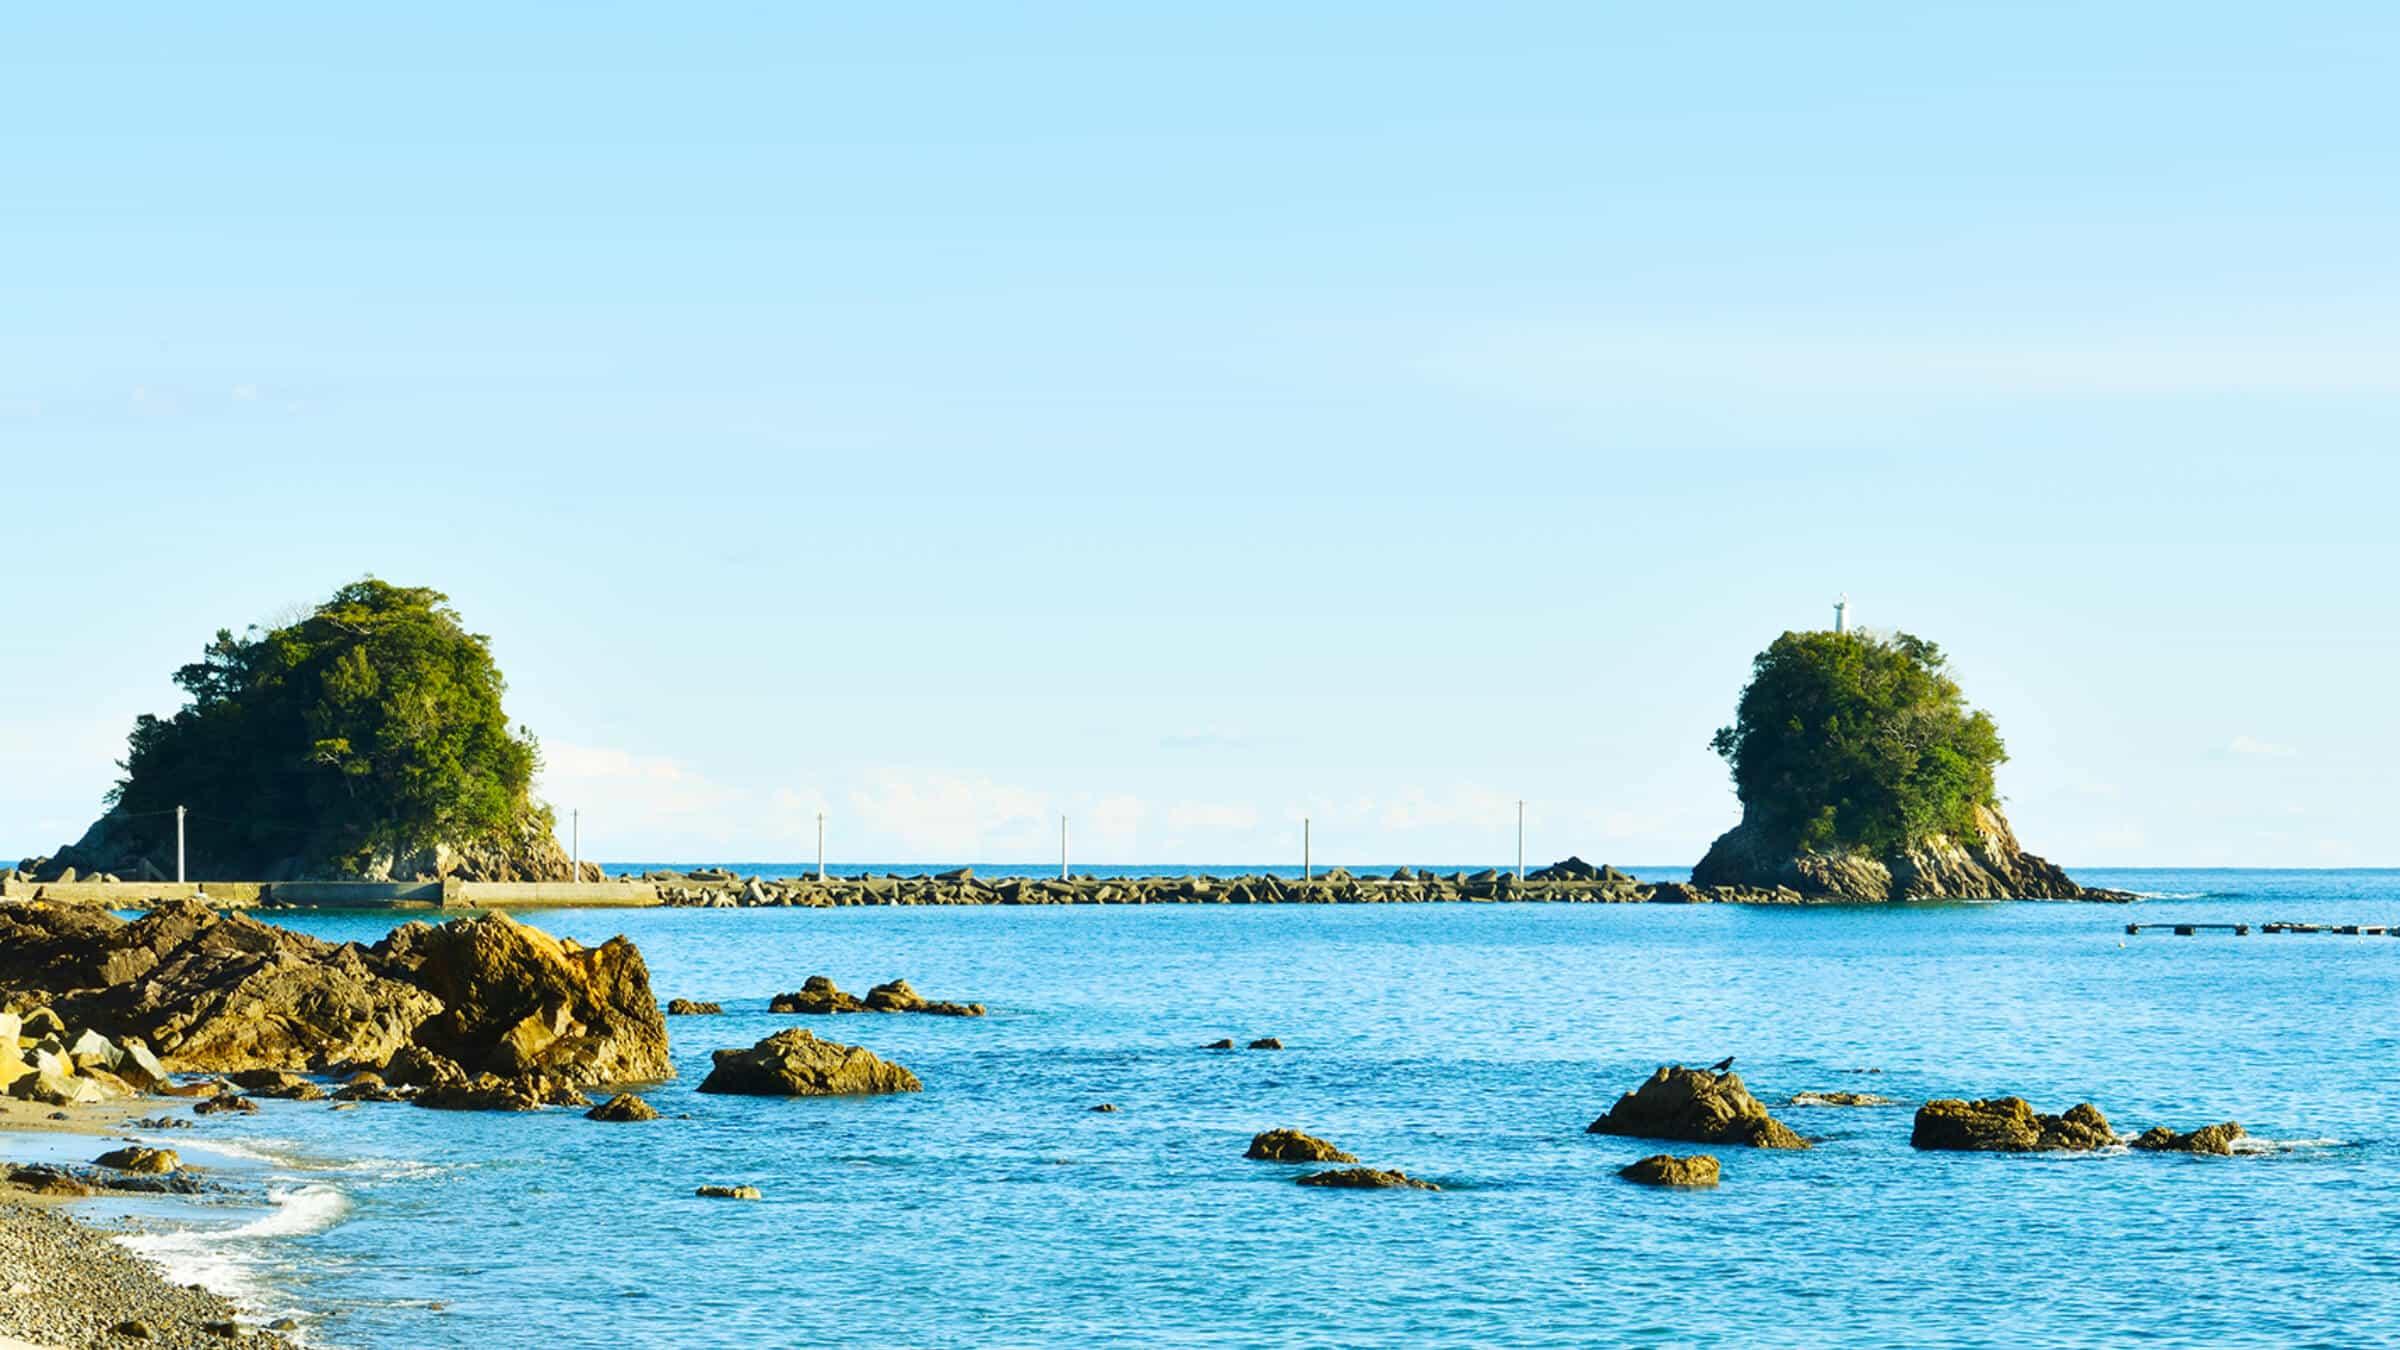 久礼湾に浮かぶ鬼が運んだ伝説の島「双名島」